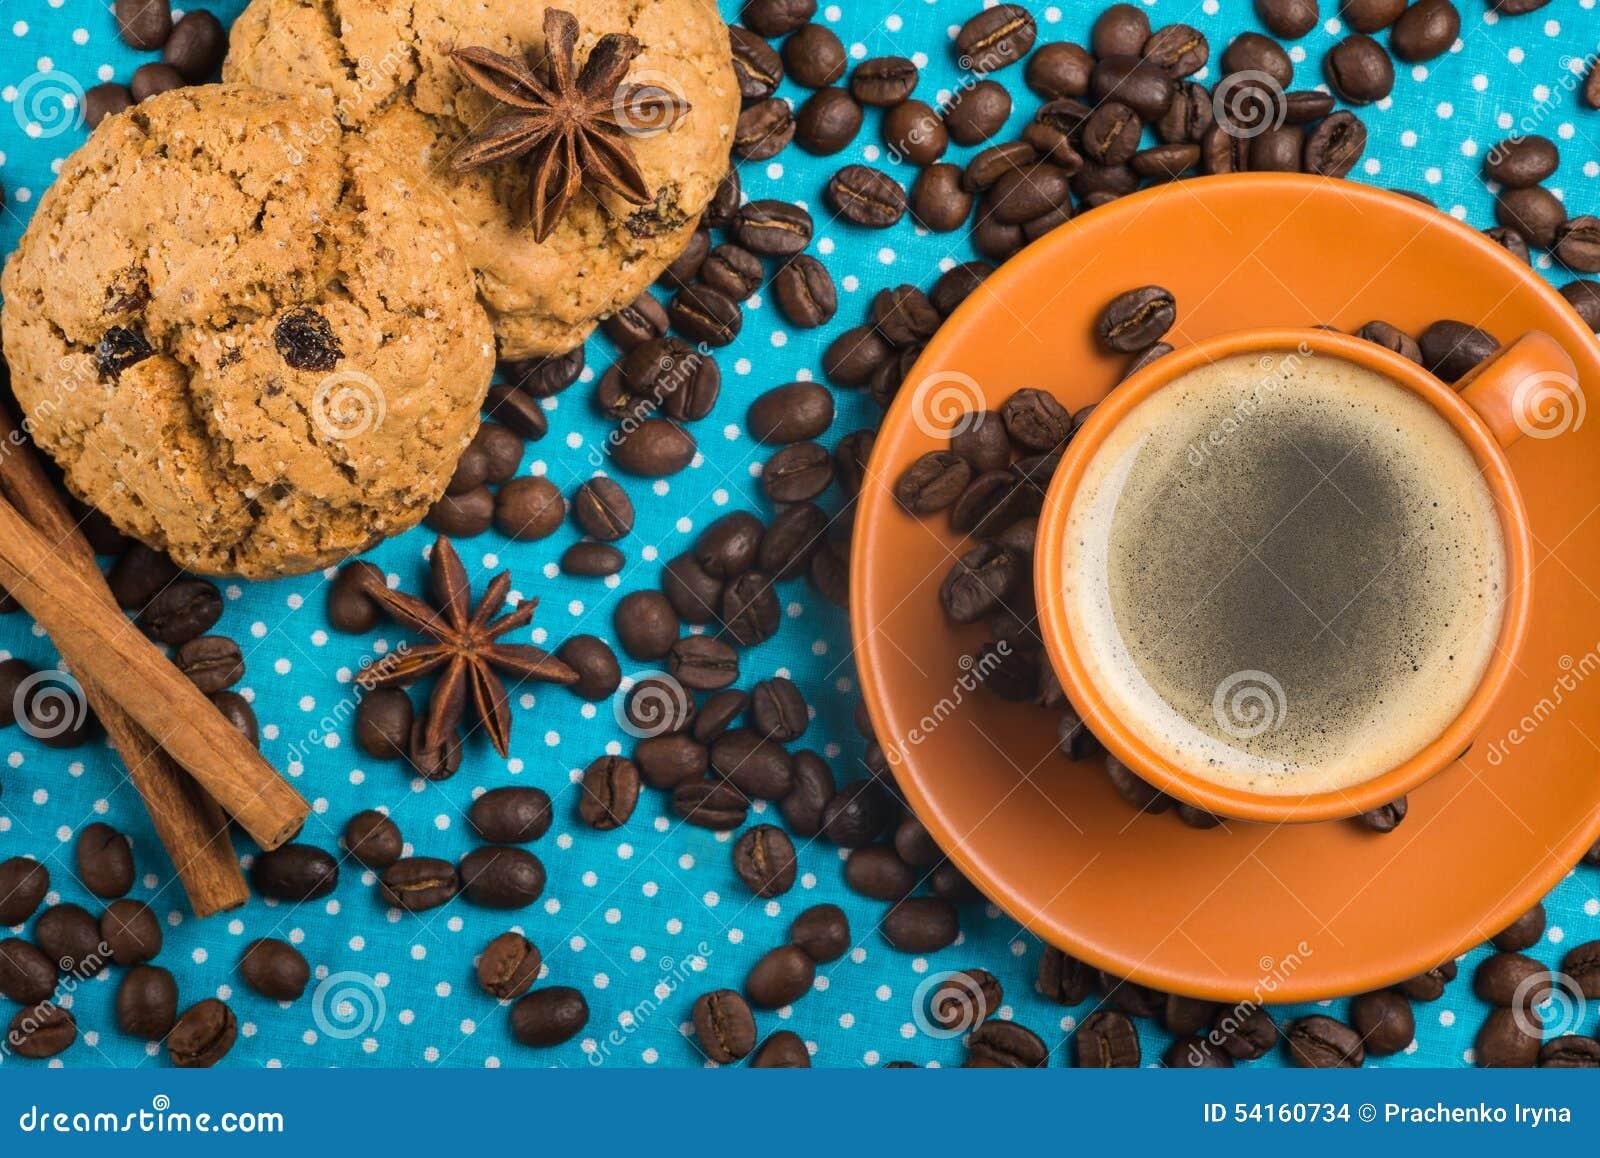 Haben Sie Einen Schönen Tag Einen Guten Morgen Mit Tasse